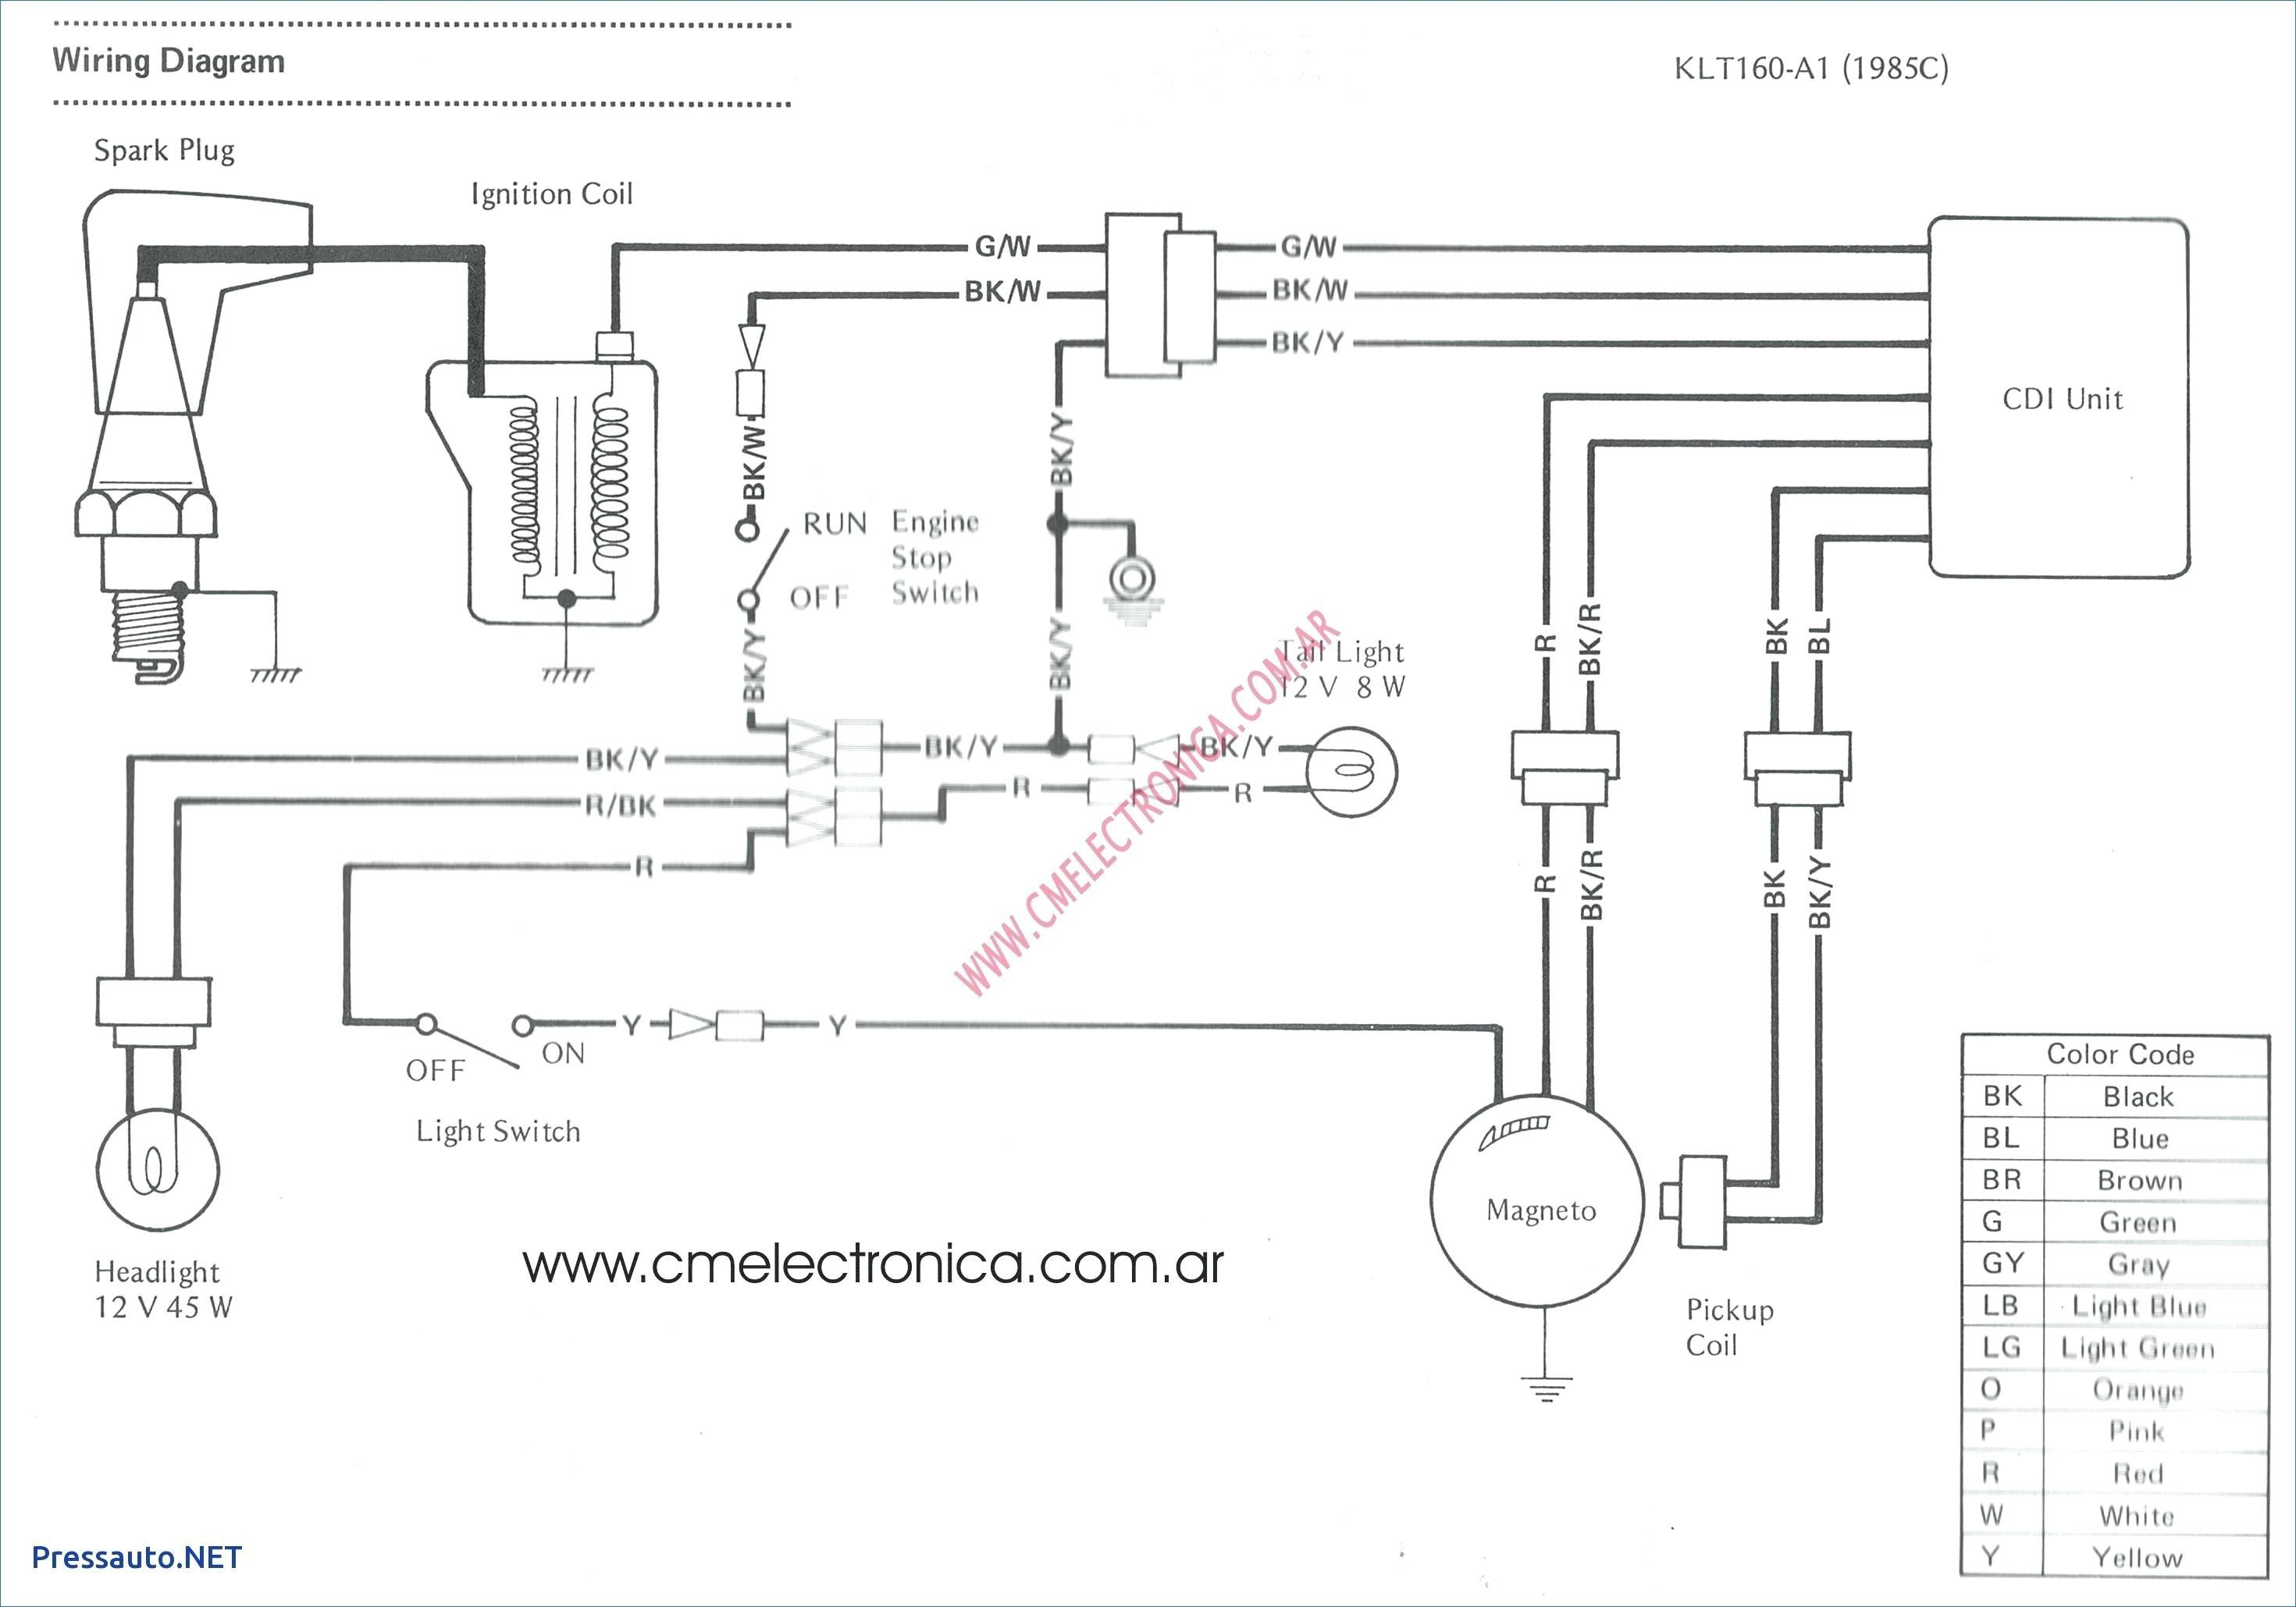 stx38 wiring schematic - oldsmobile alero wiring diagrams for wiring  diagram schematics  wiring diagram schematics